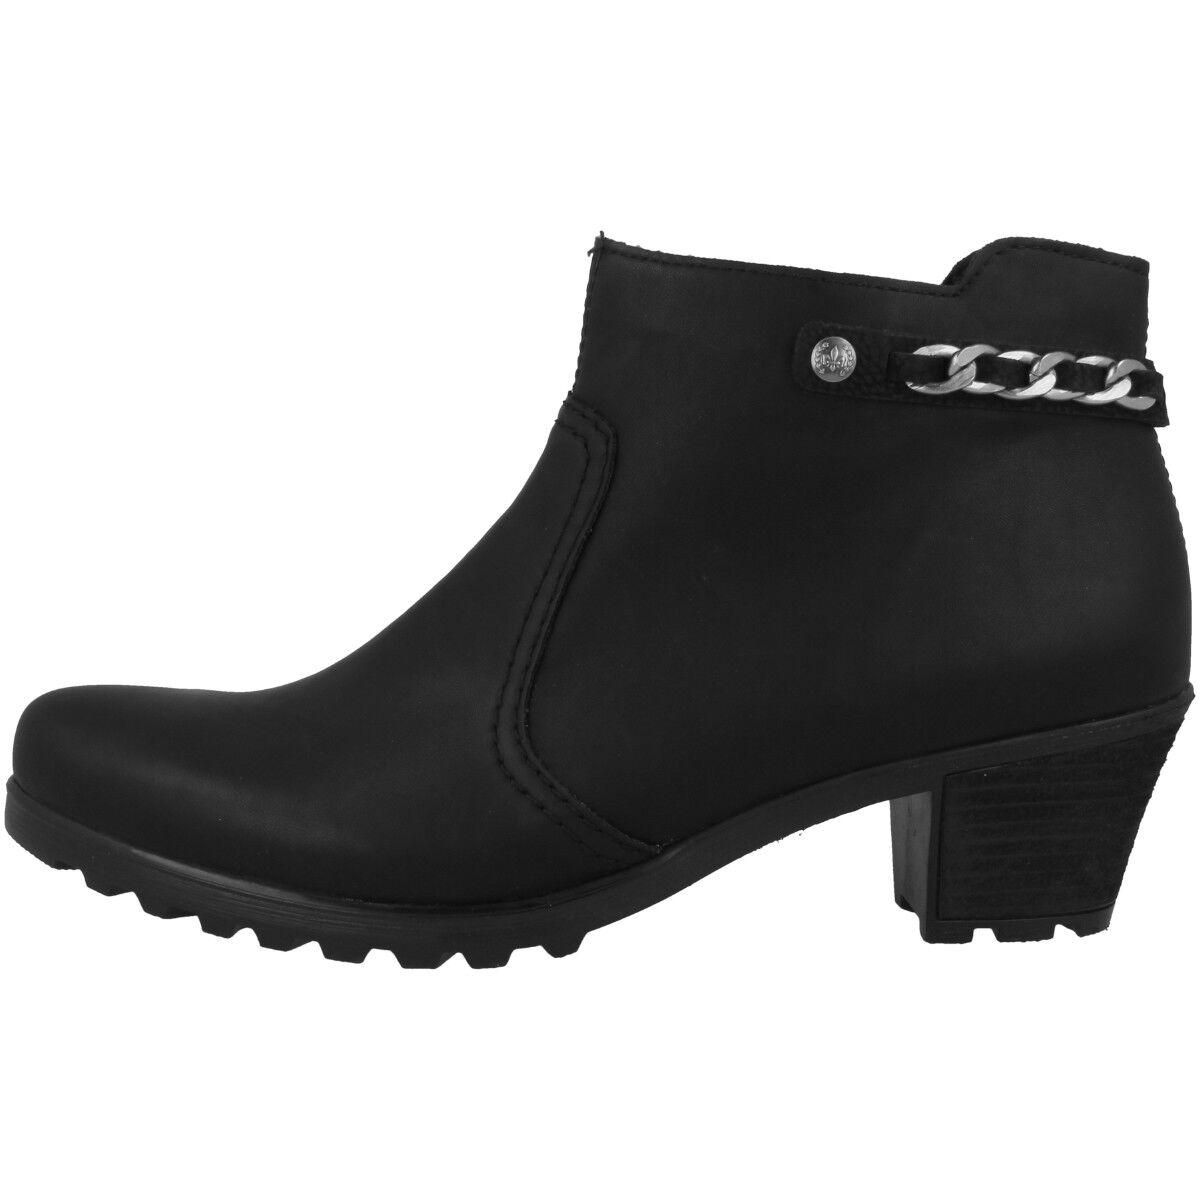 Rieker France-wildebuk zapatos anti estrés botines botas chelsea y8090-00 y8090-00 y8090-00 68ed60